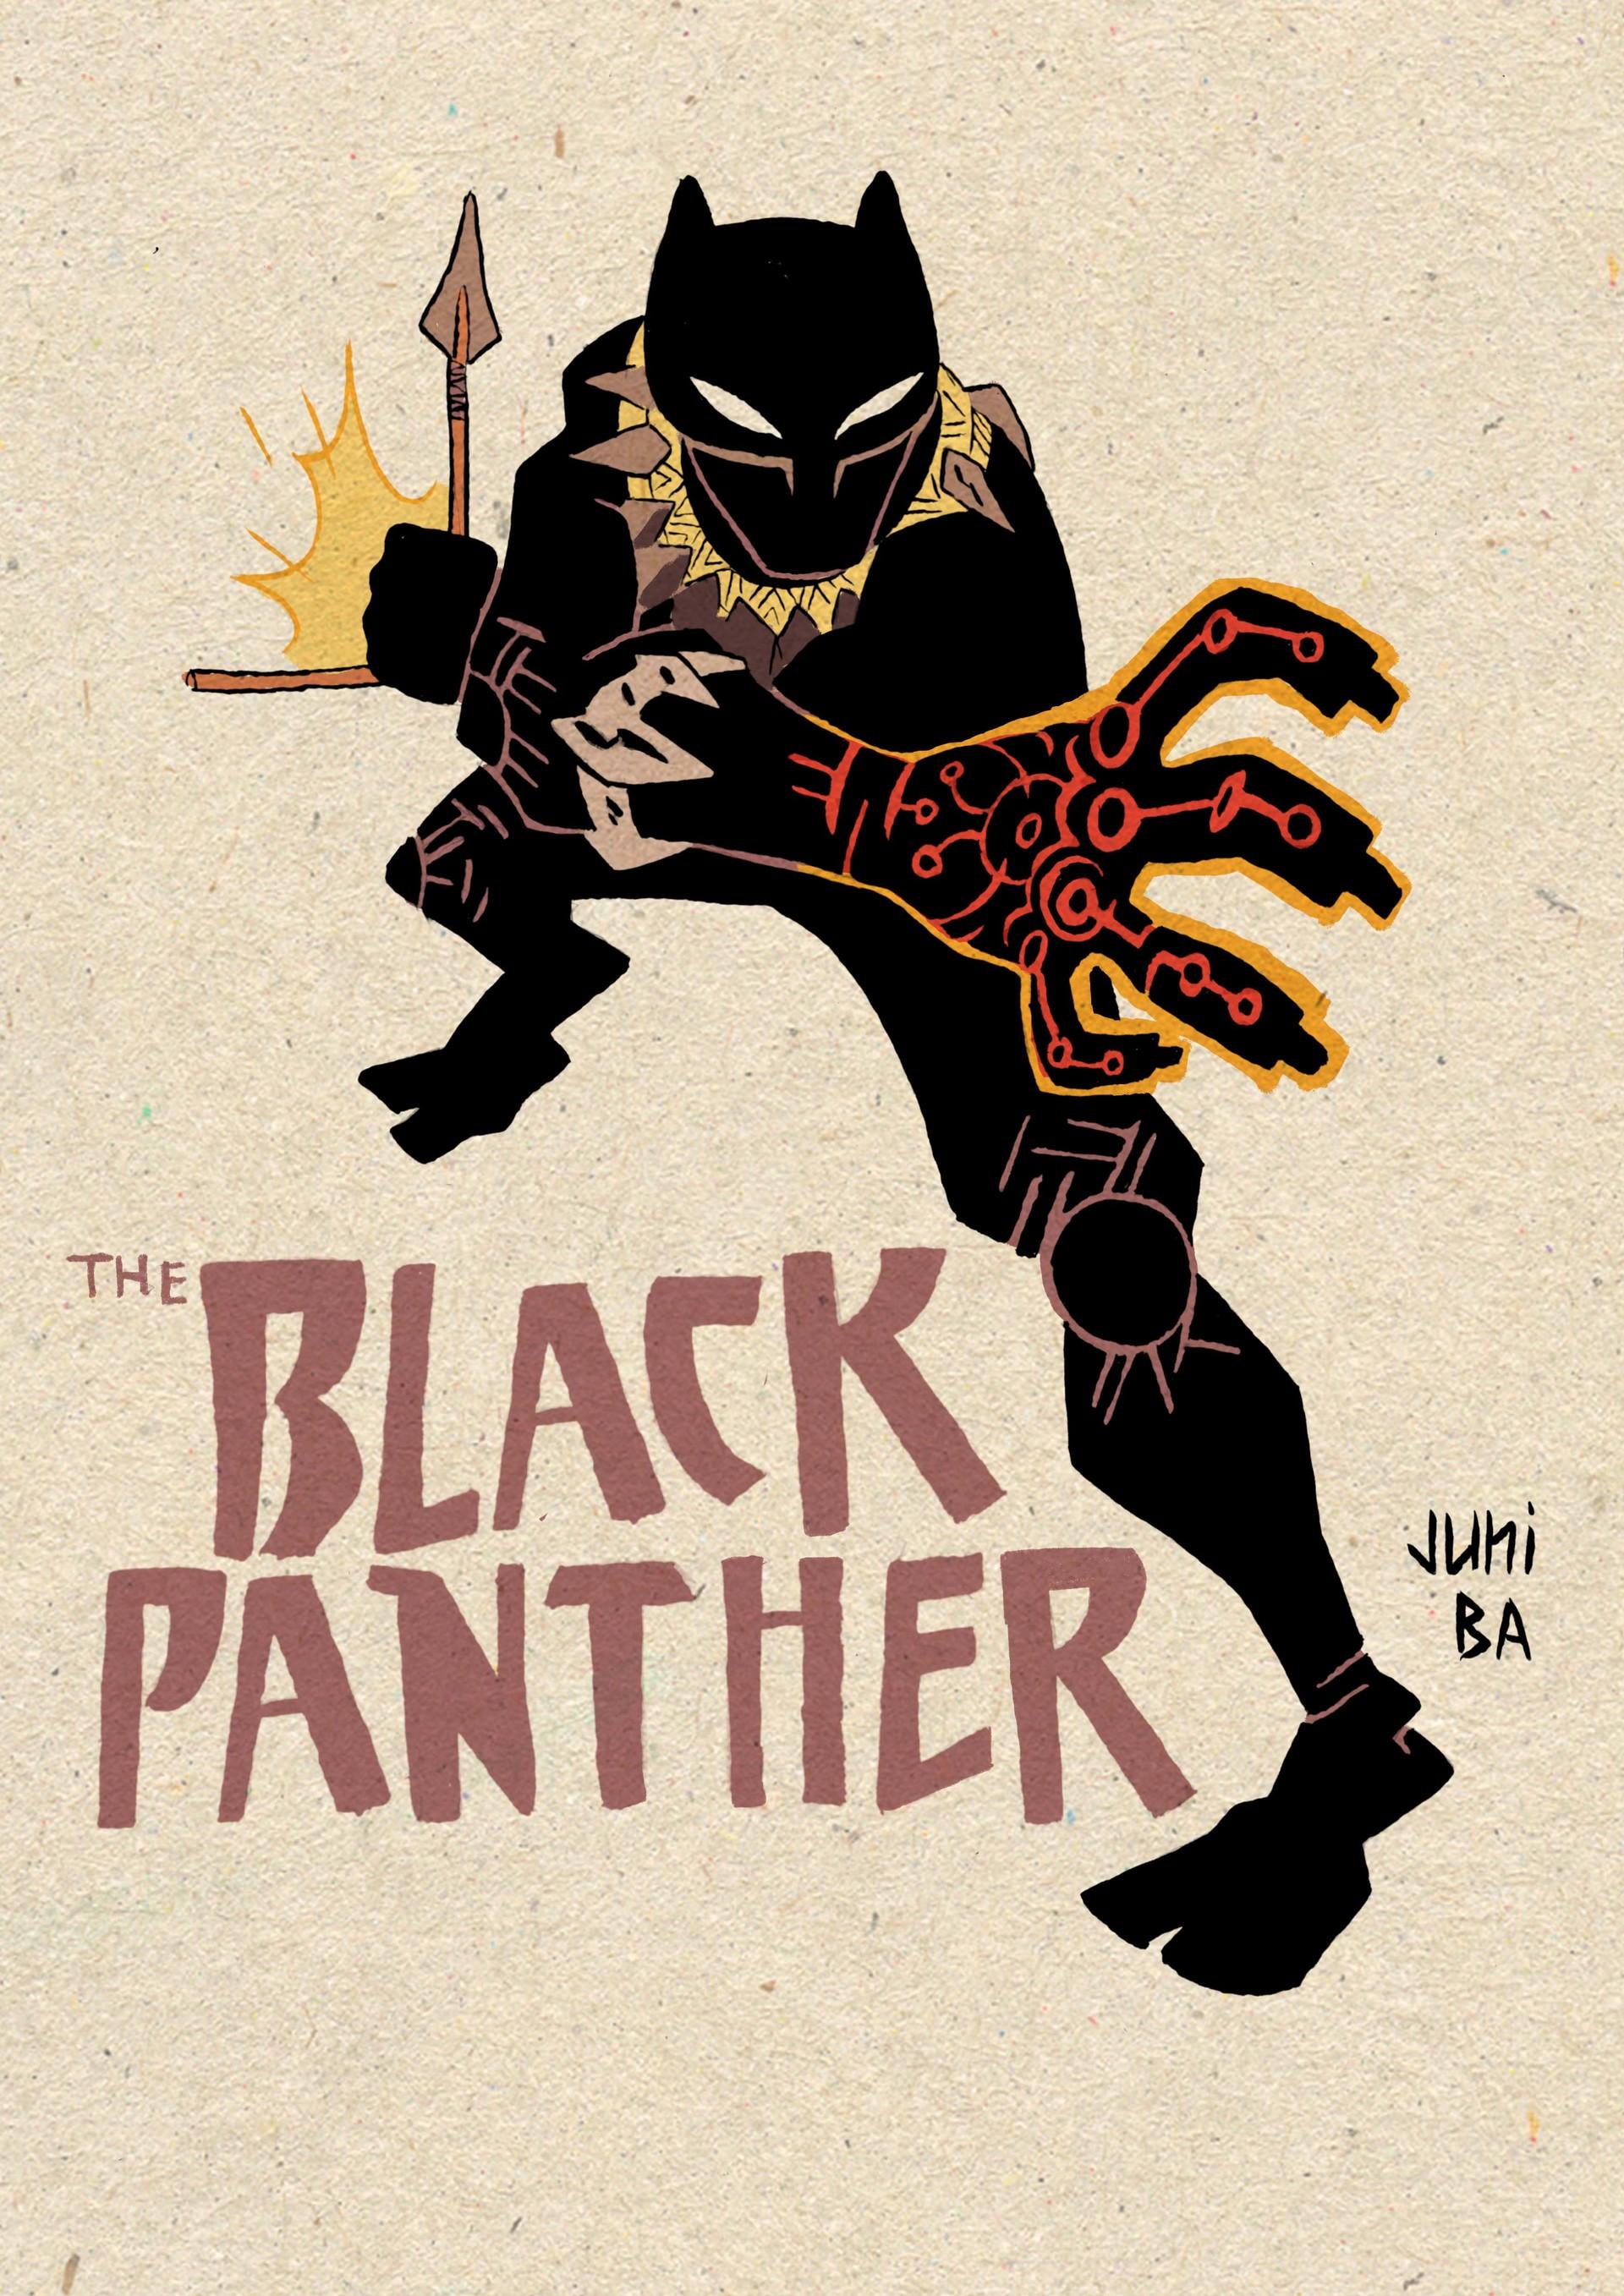 Juni ba panther2